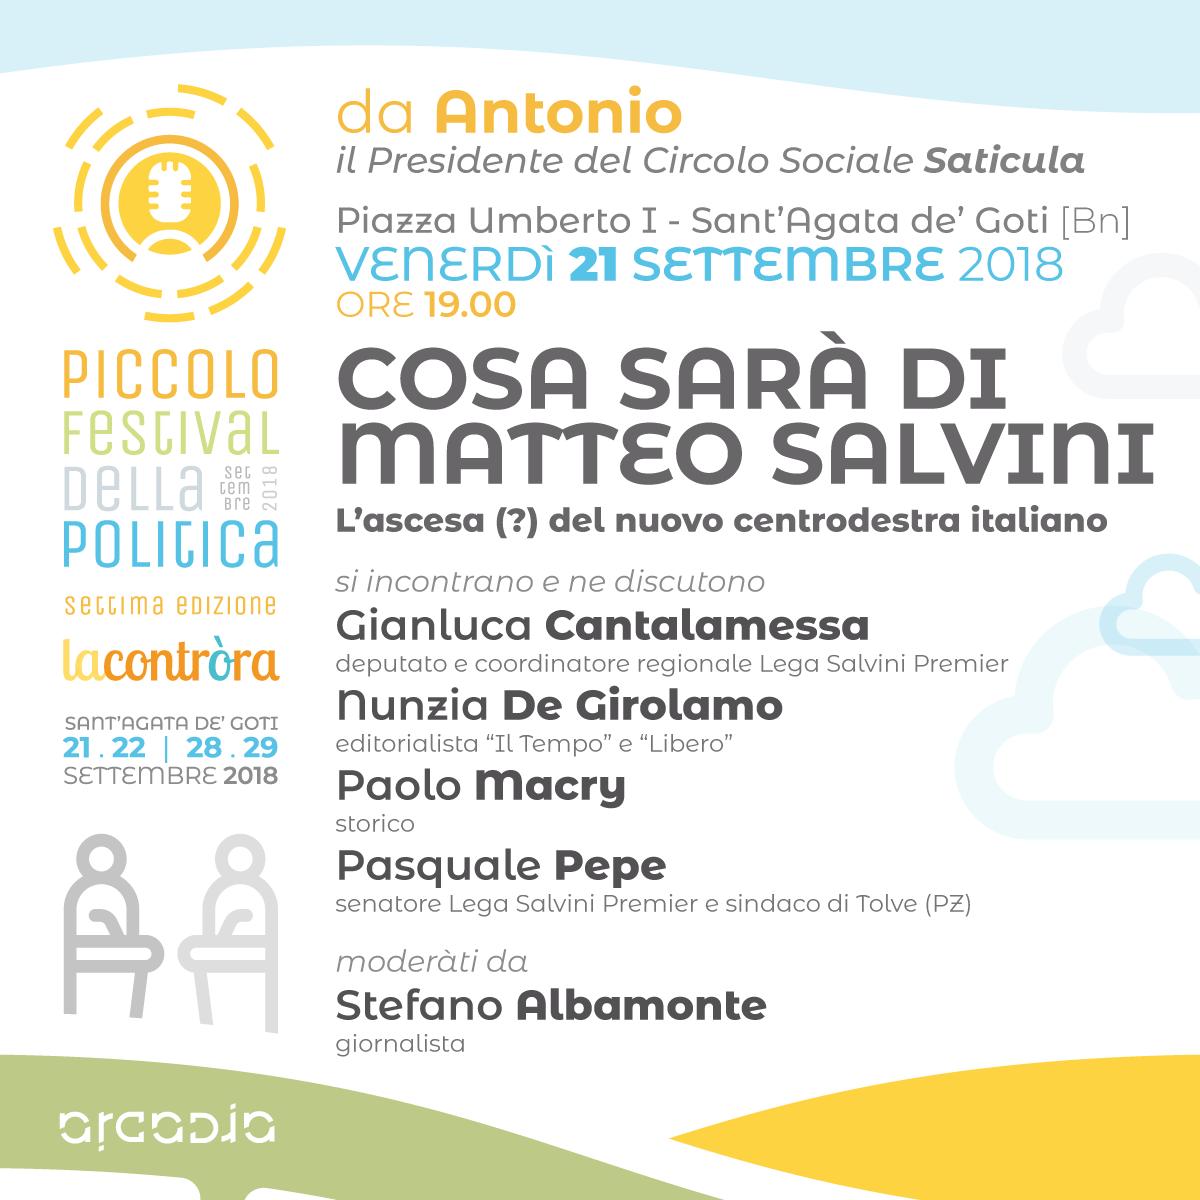 Parte domani sera la settima edizione del Piccolo Festival della Politica